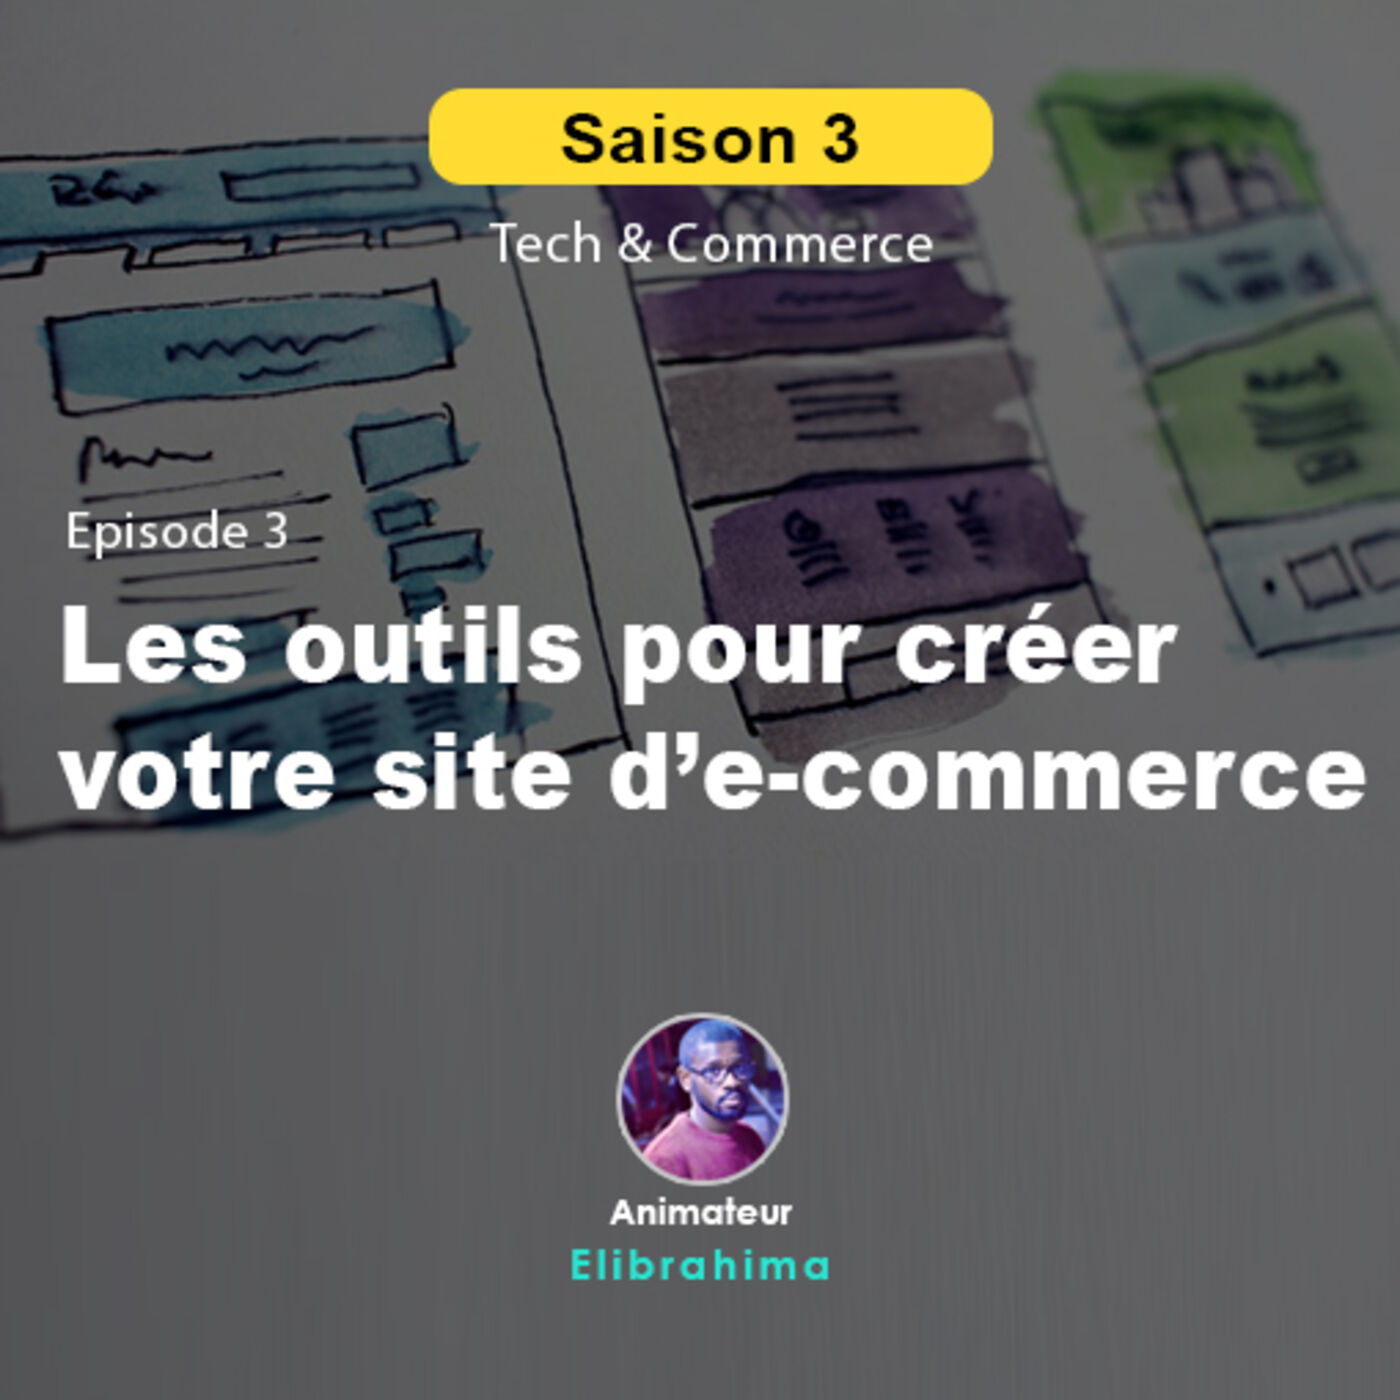 S3E3 - Les outils pour créer votre site de e-commerce